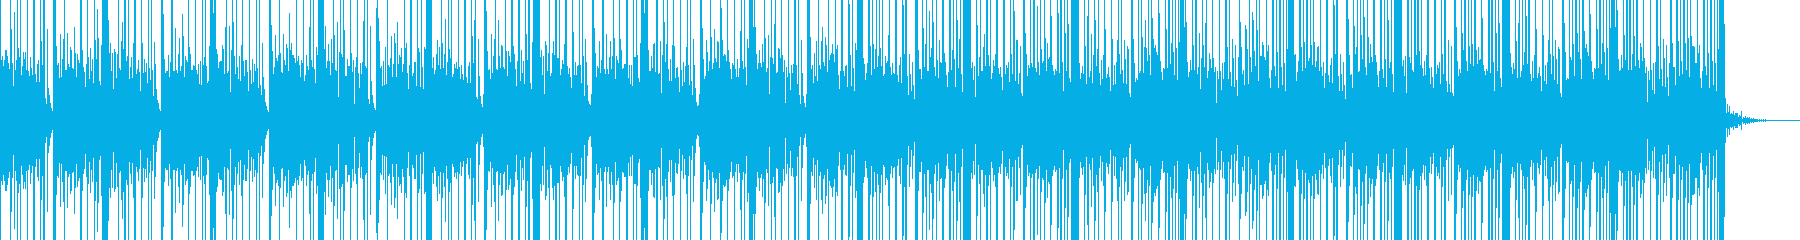 民族楽器で構成したアジアンテイストな楽曲の再生済みの波形